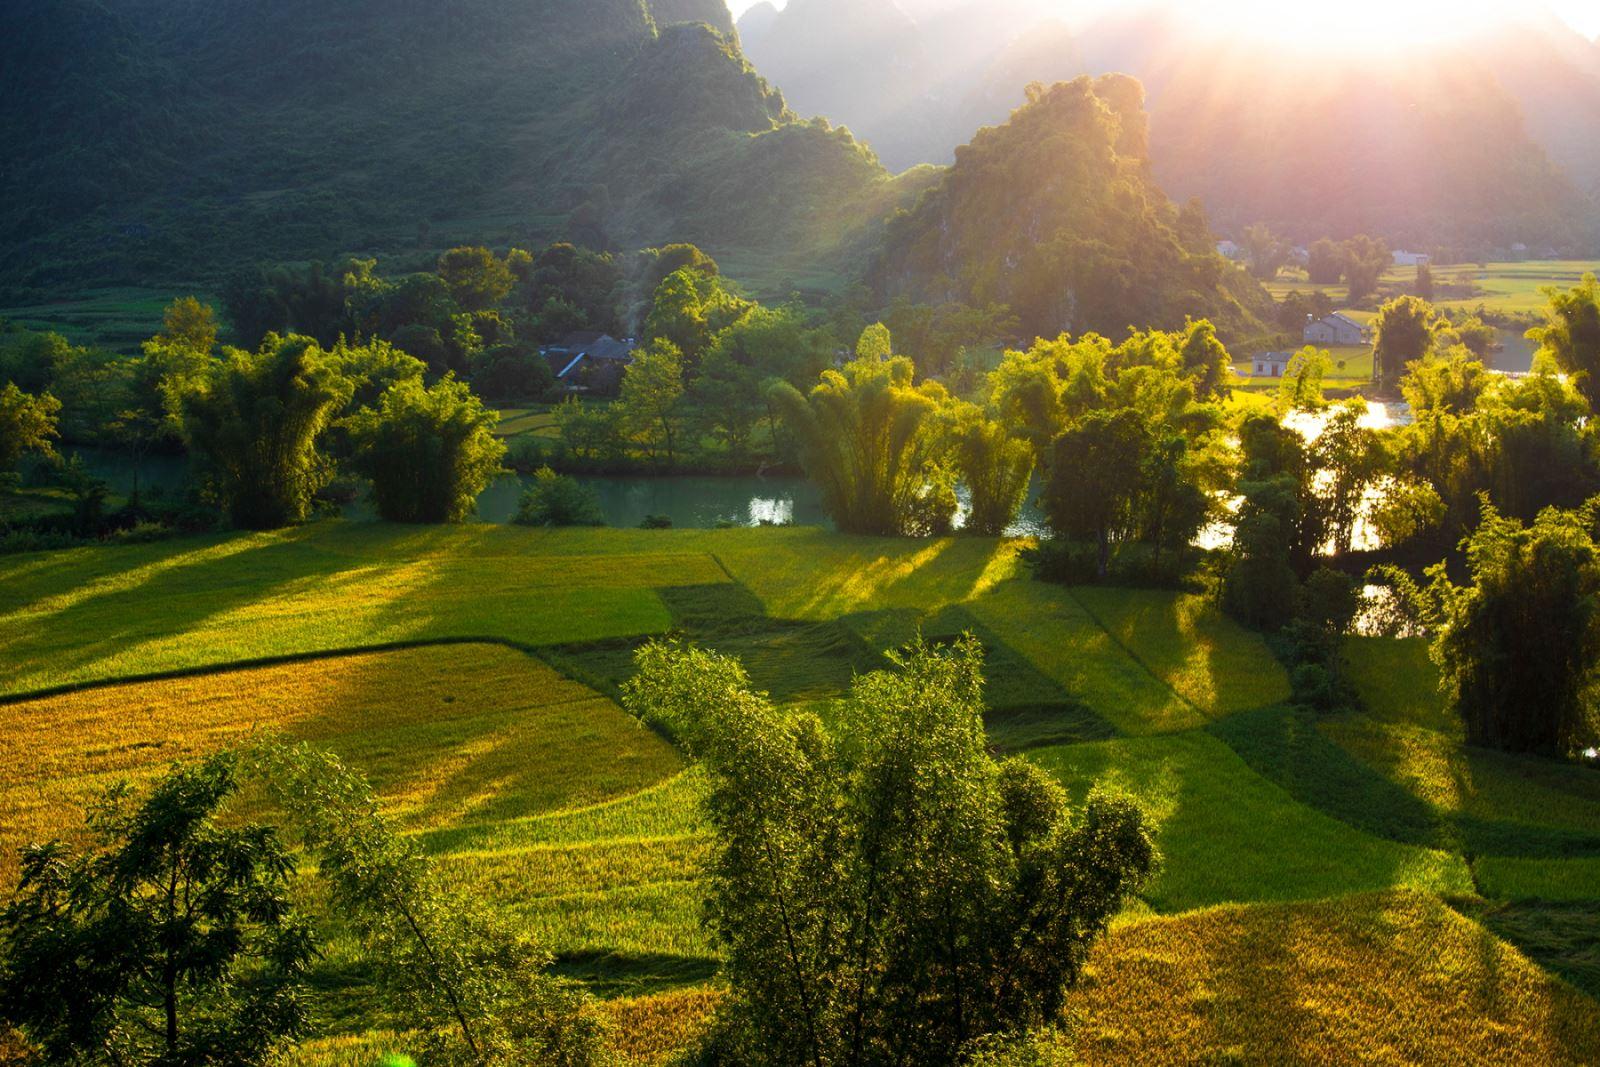 Một trong những đặc trưng của nhiều vùng đất ở Cao Bằng là các thửa ruộng canh tác nằm uốn lượn bên sông cùng những rặng tre.